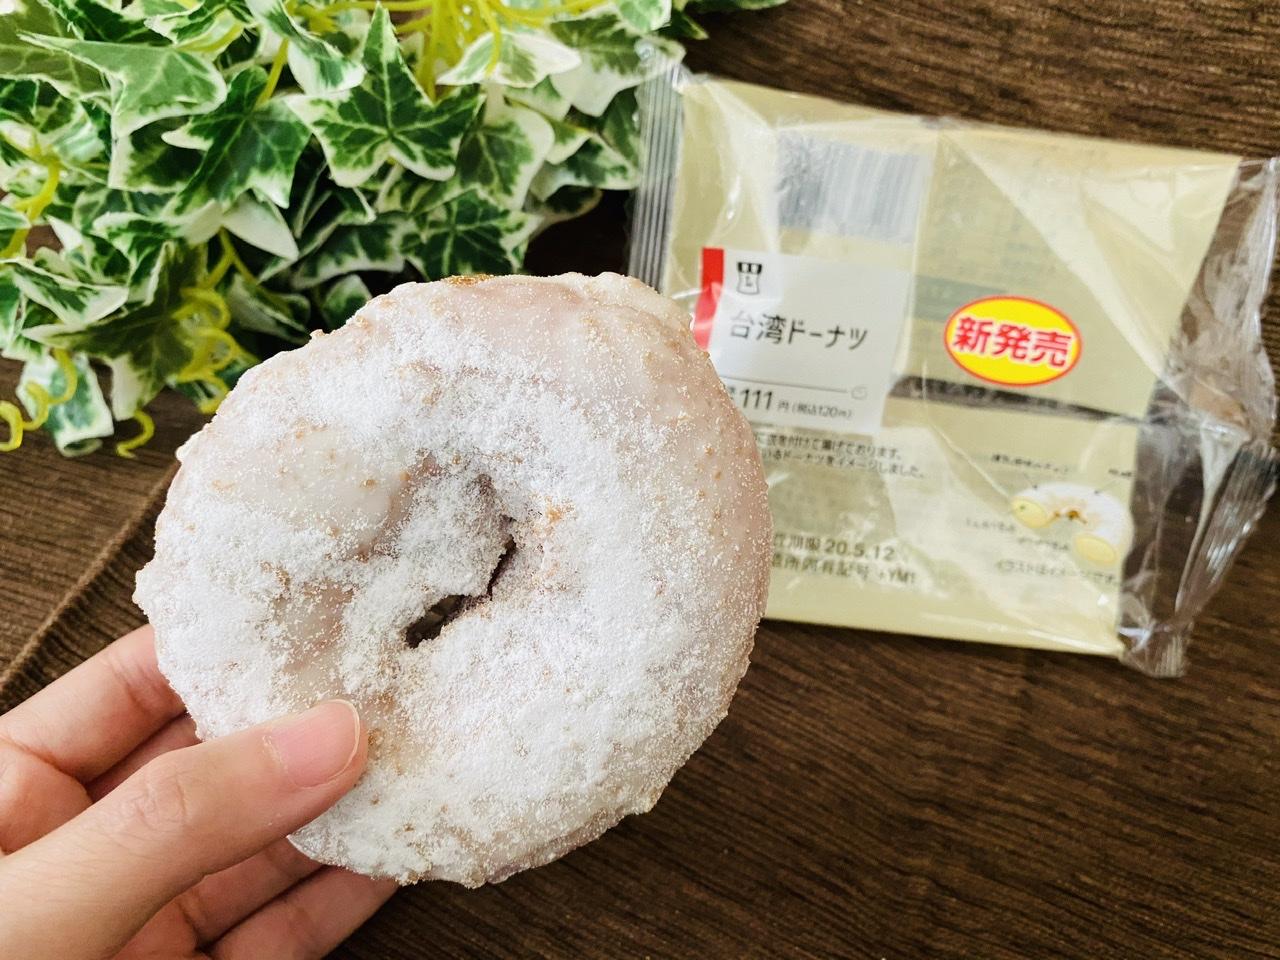 【ローソン】SNSで話題沸騰!カリふわ食感が絶妙《台湾ドーナツ》を食べてみた♡_2